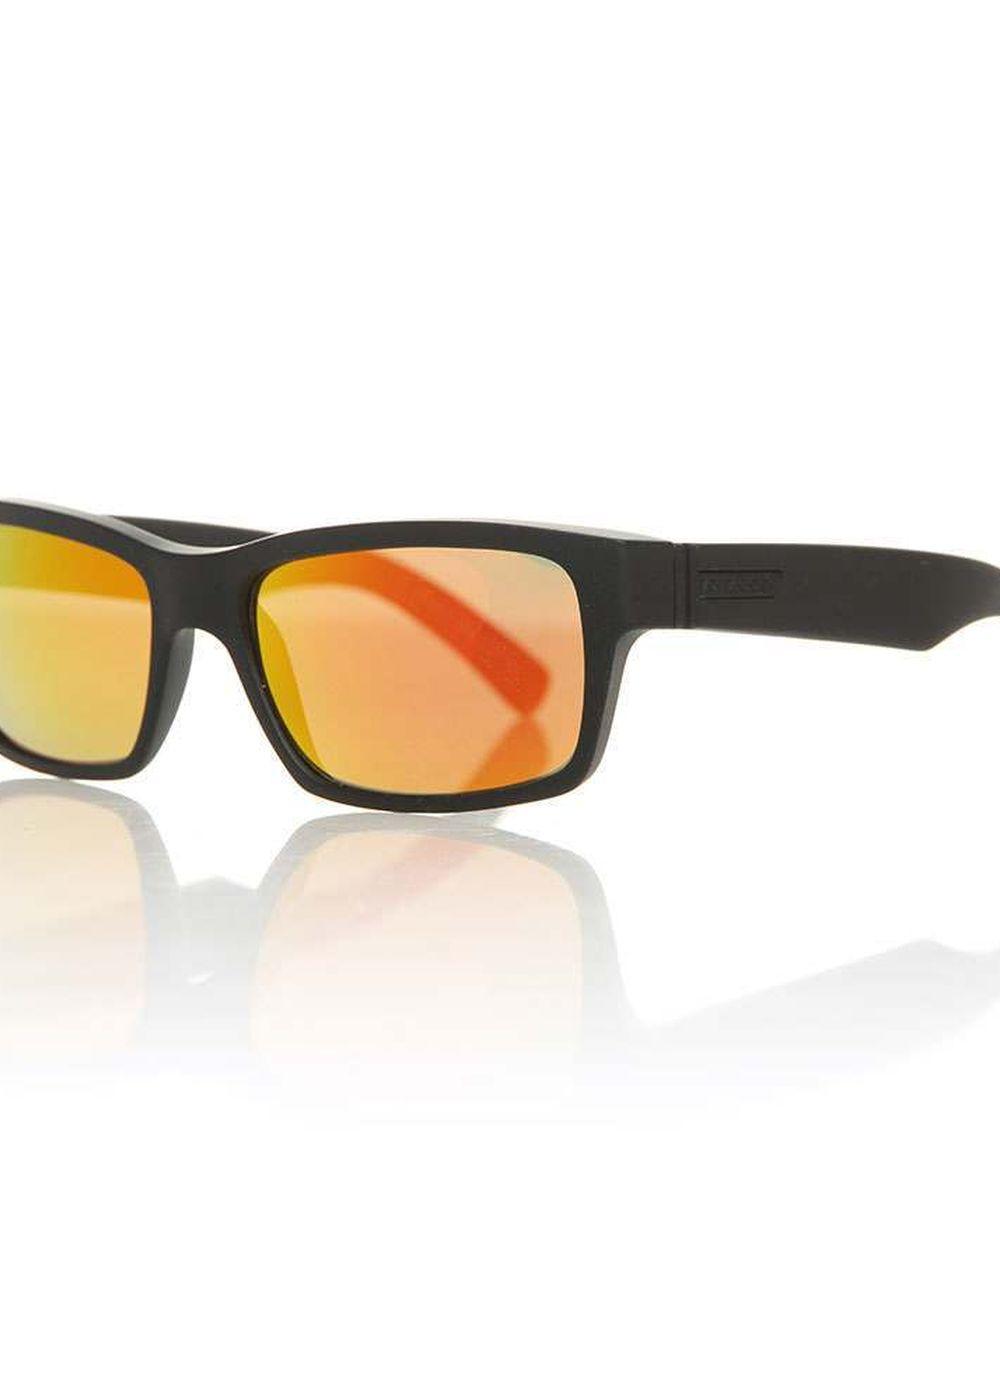 vonzipper-fulton-sunglasses-black-satinlunar-chro